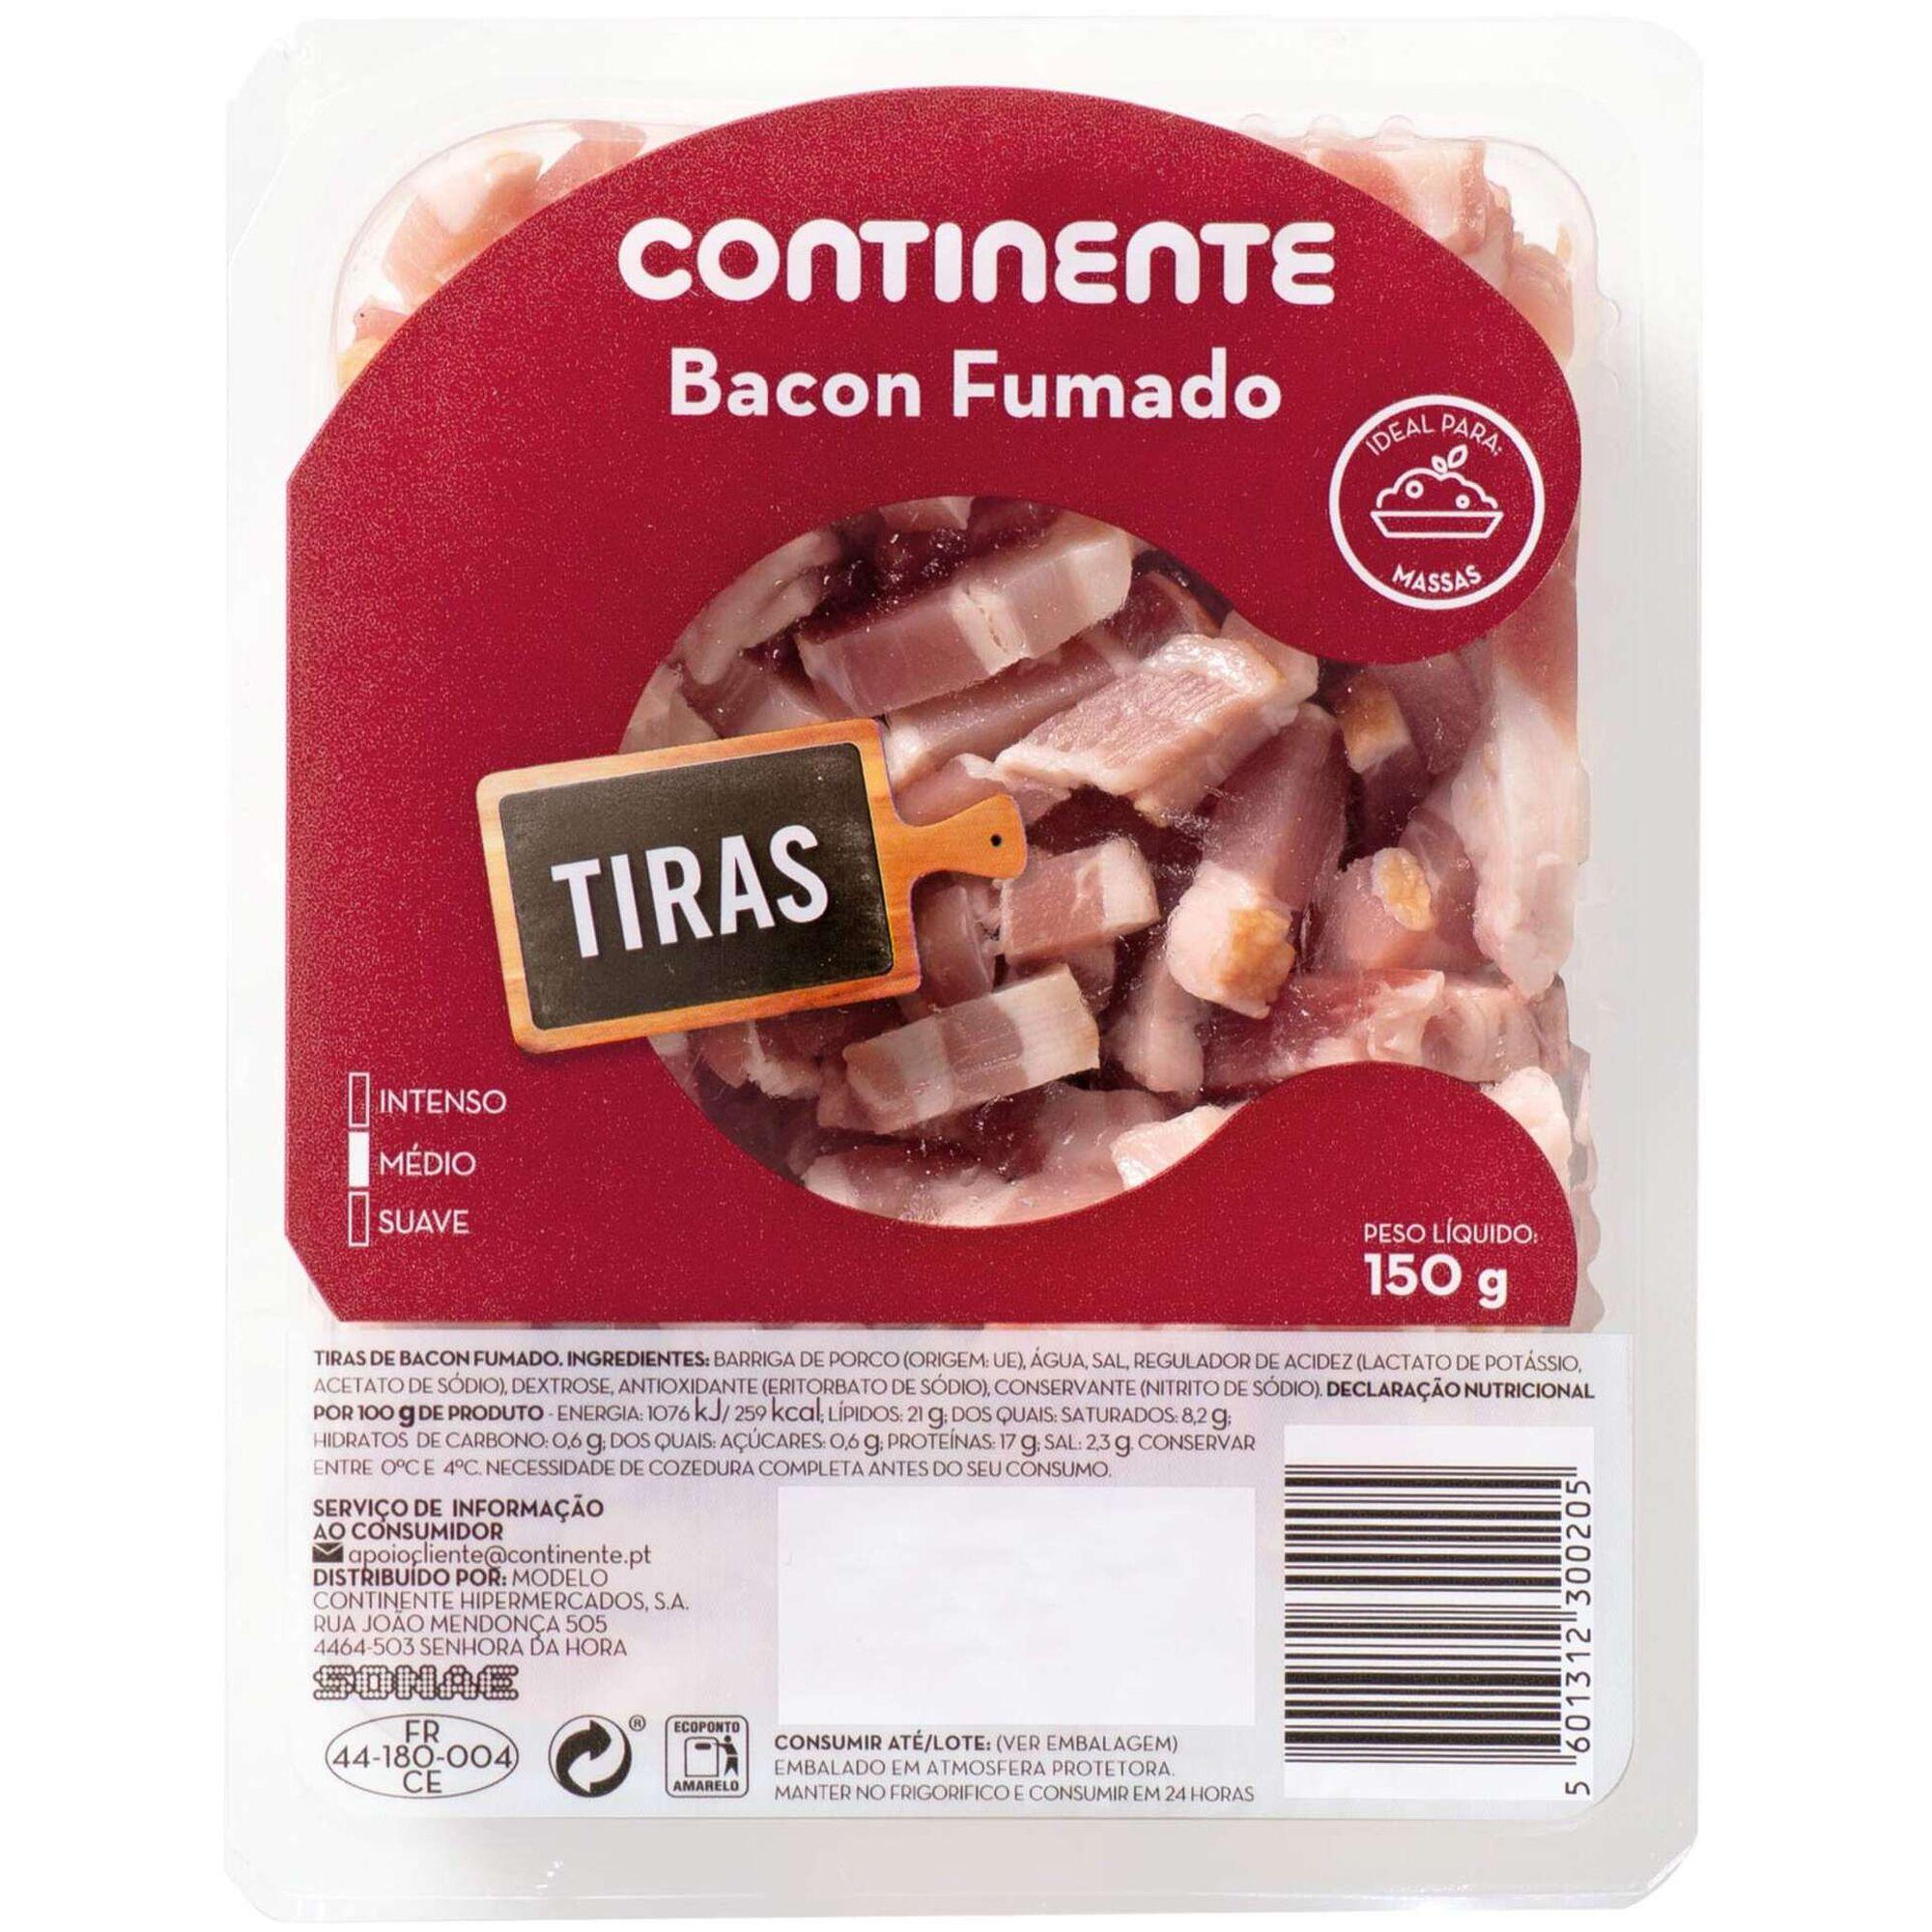 Bacon Fumado Tiras